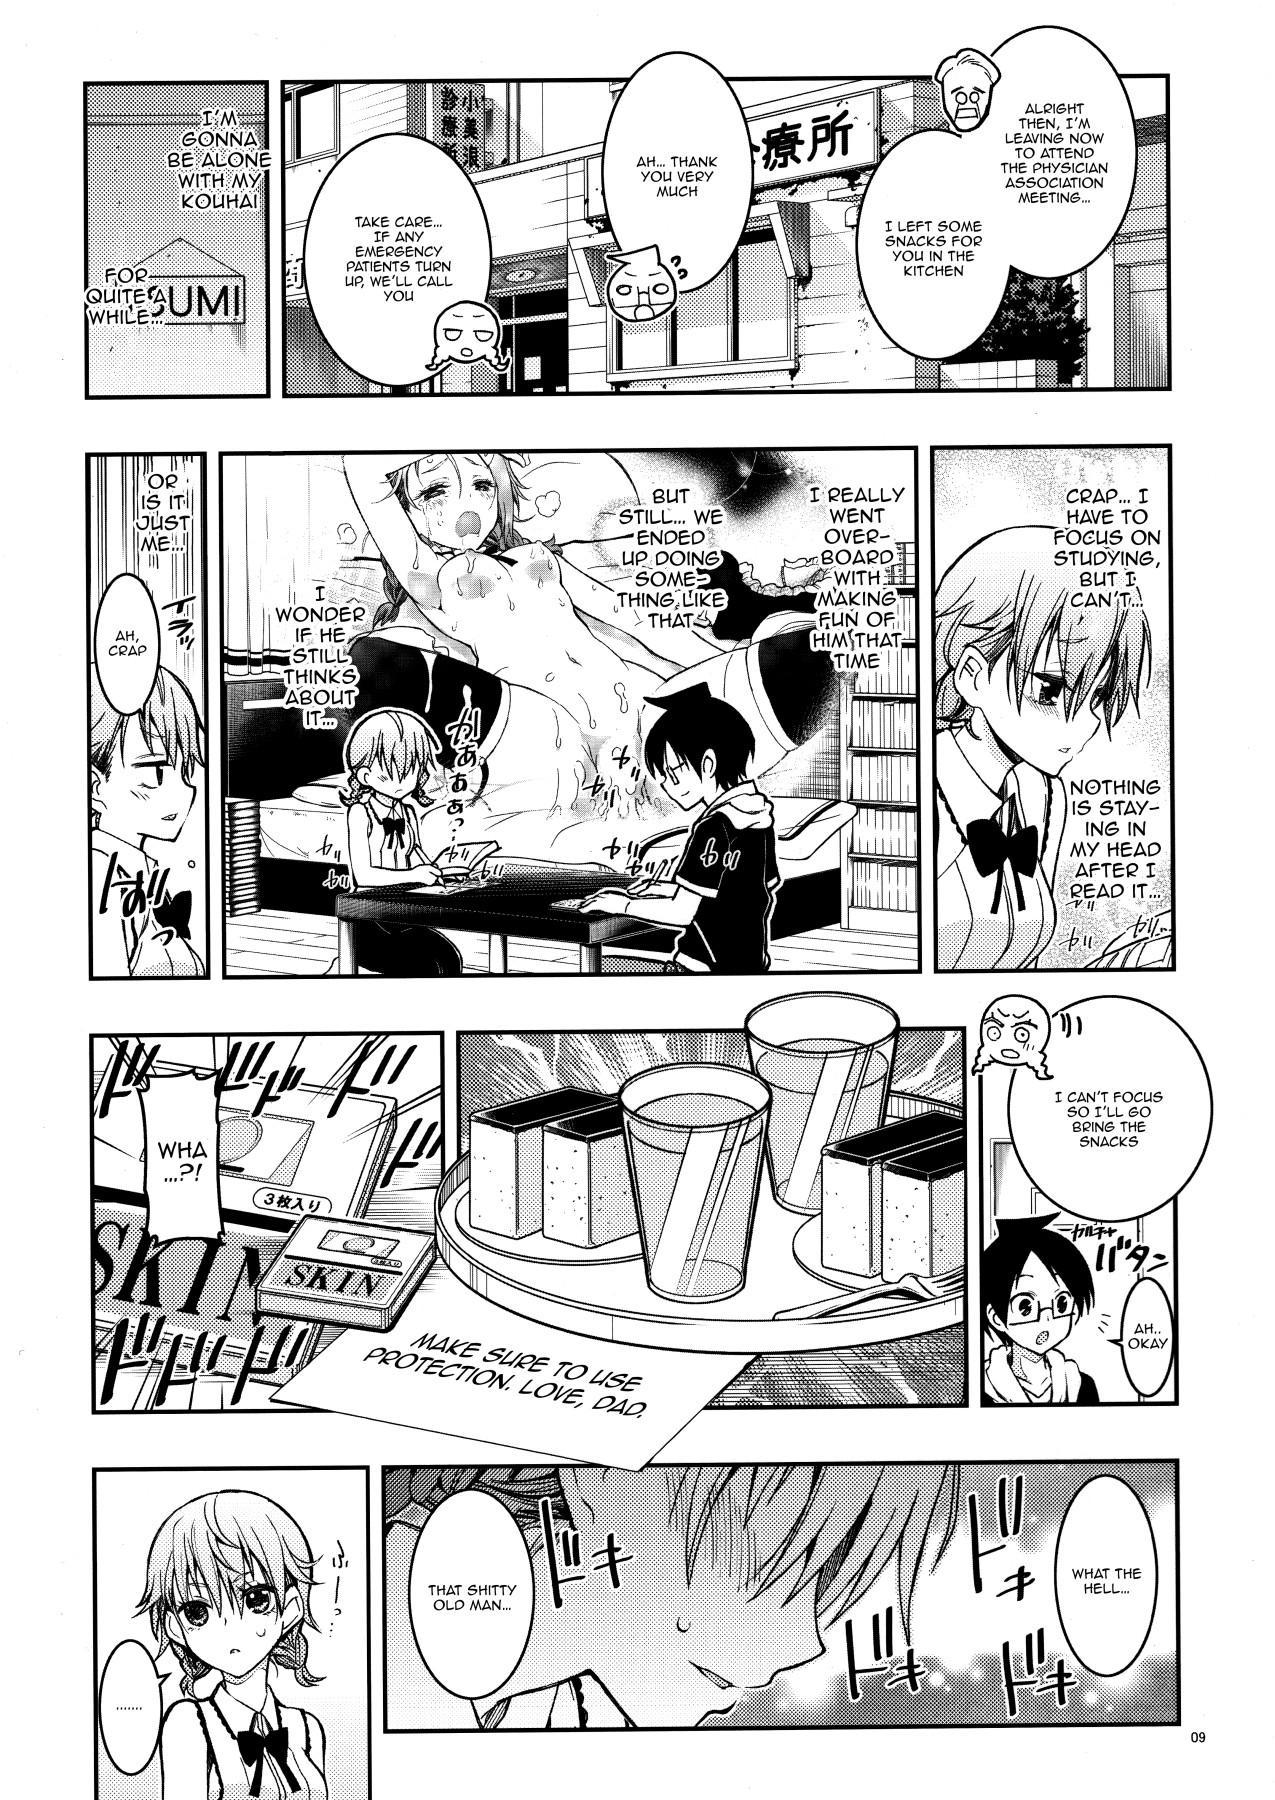 BOKUTACHIHA FUMINOMO ASUMIMO KAWAII | Fumino and Asumi are so Cute 7